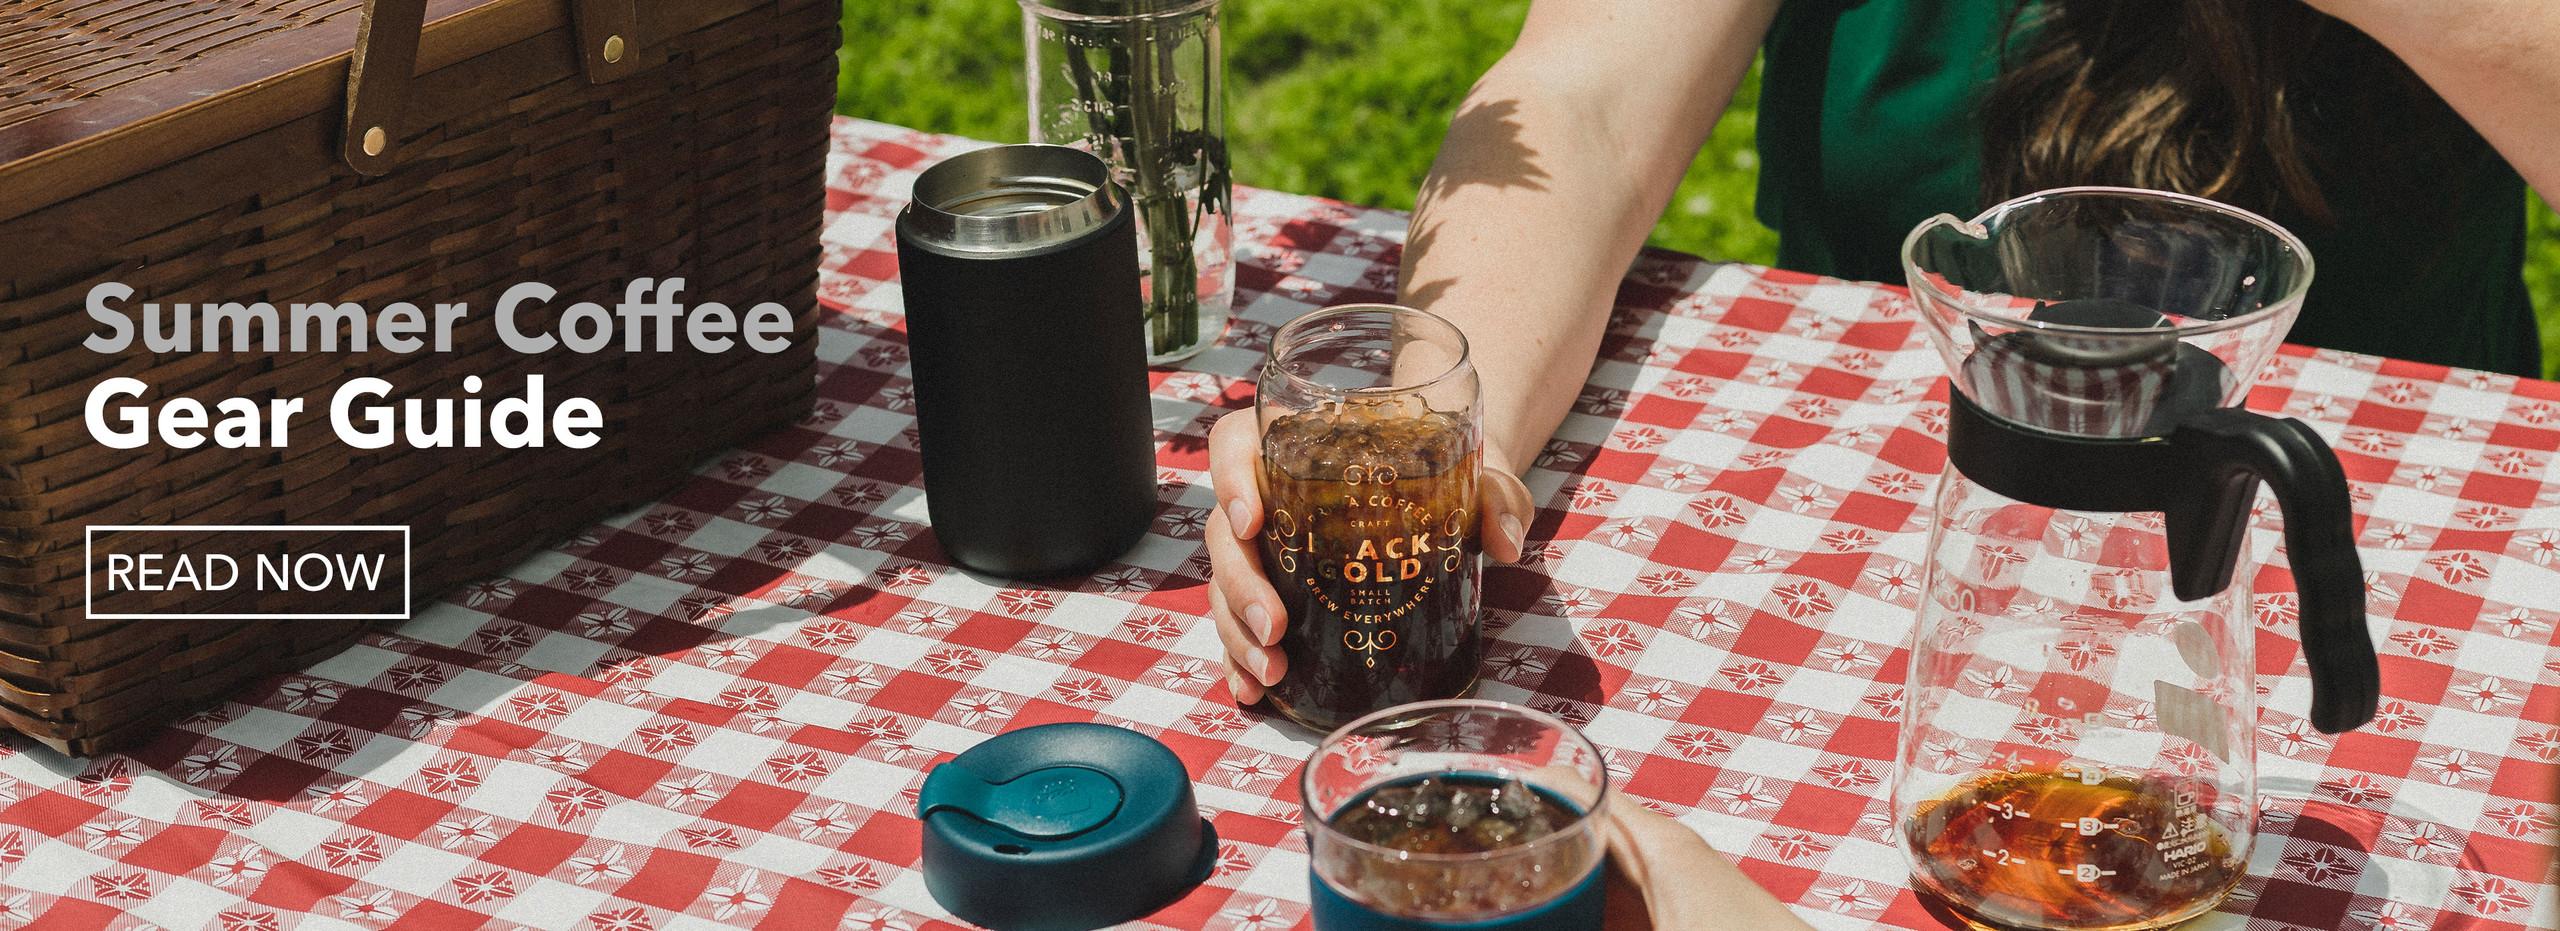 Summer Coffee Gear Guide